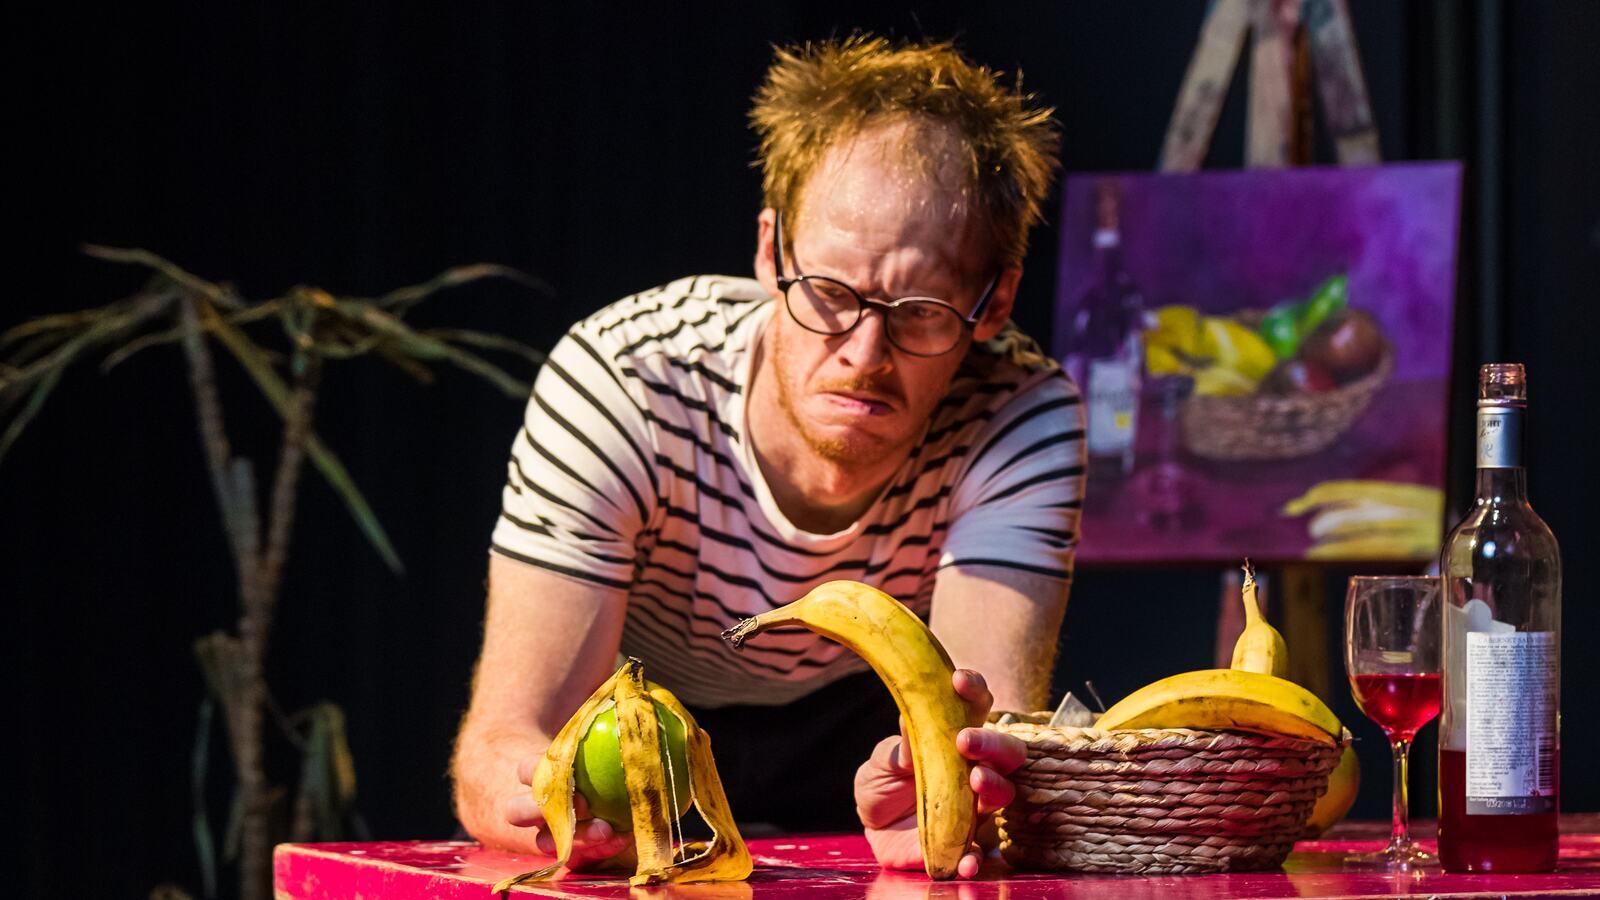 Thomas Monckton in The Artist